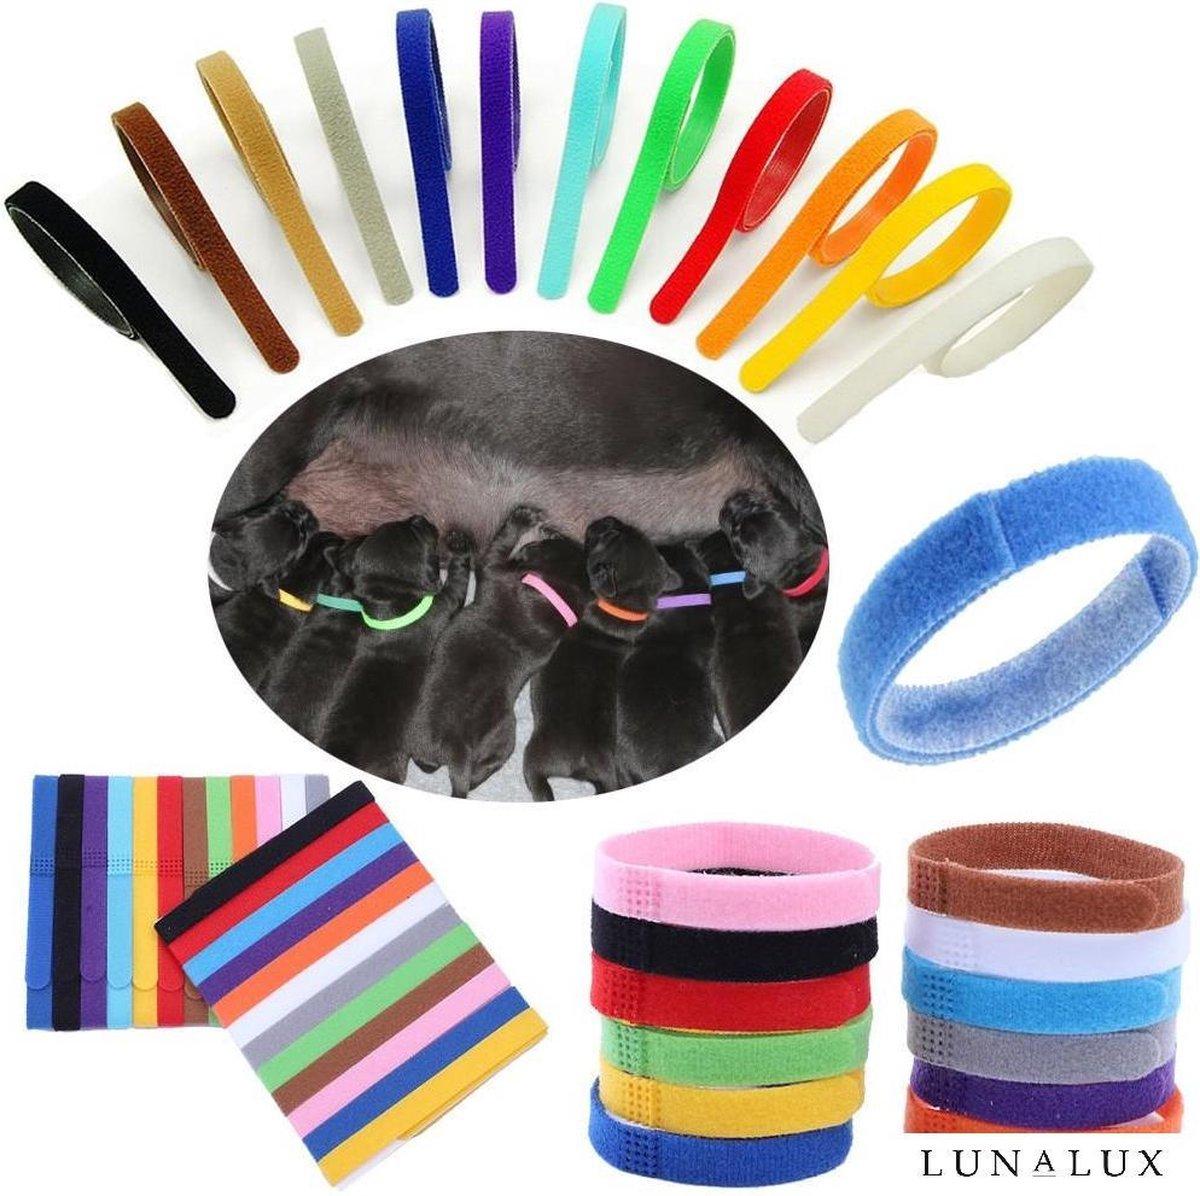 Puppy halsbandjes - Puppy ID - Puppy collars - 12 stuks - bandjes voor puppy's - onderscheid bandjes